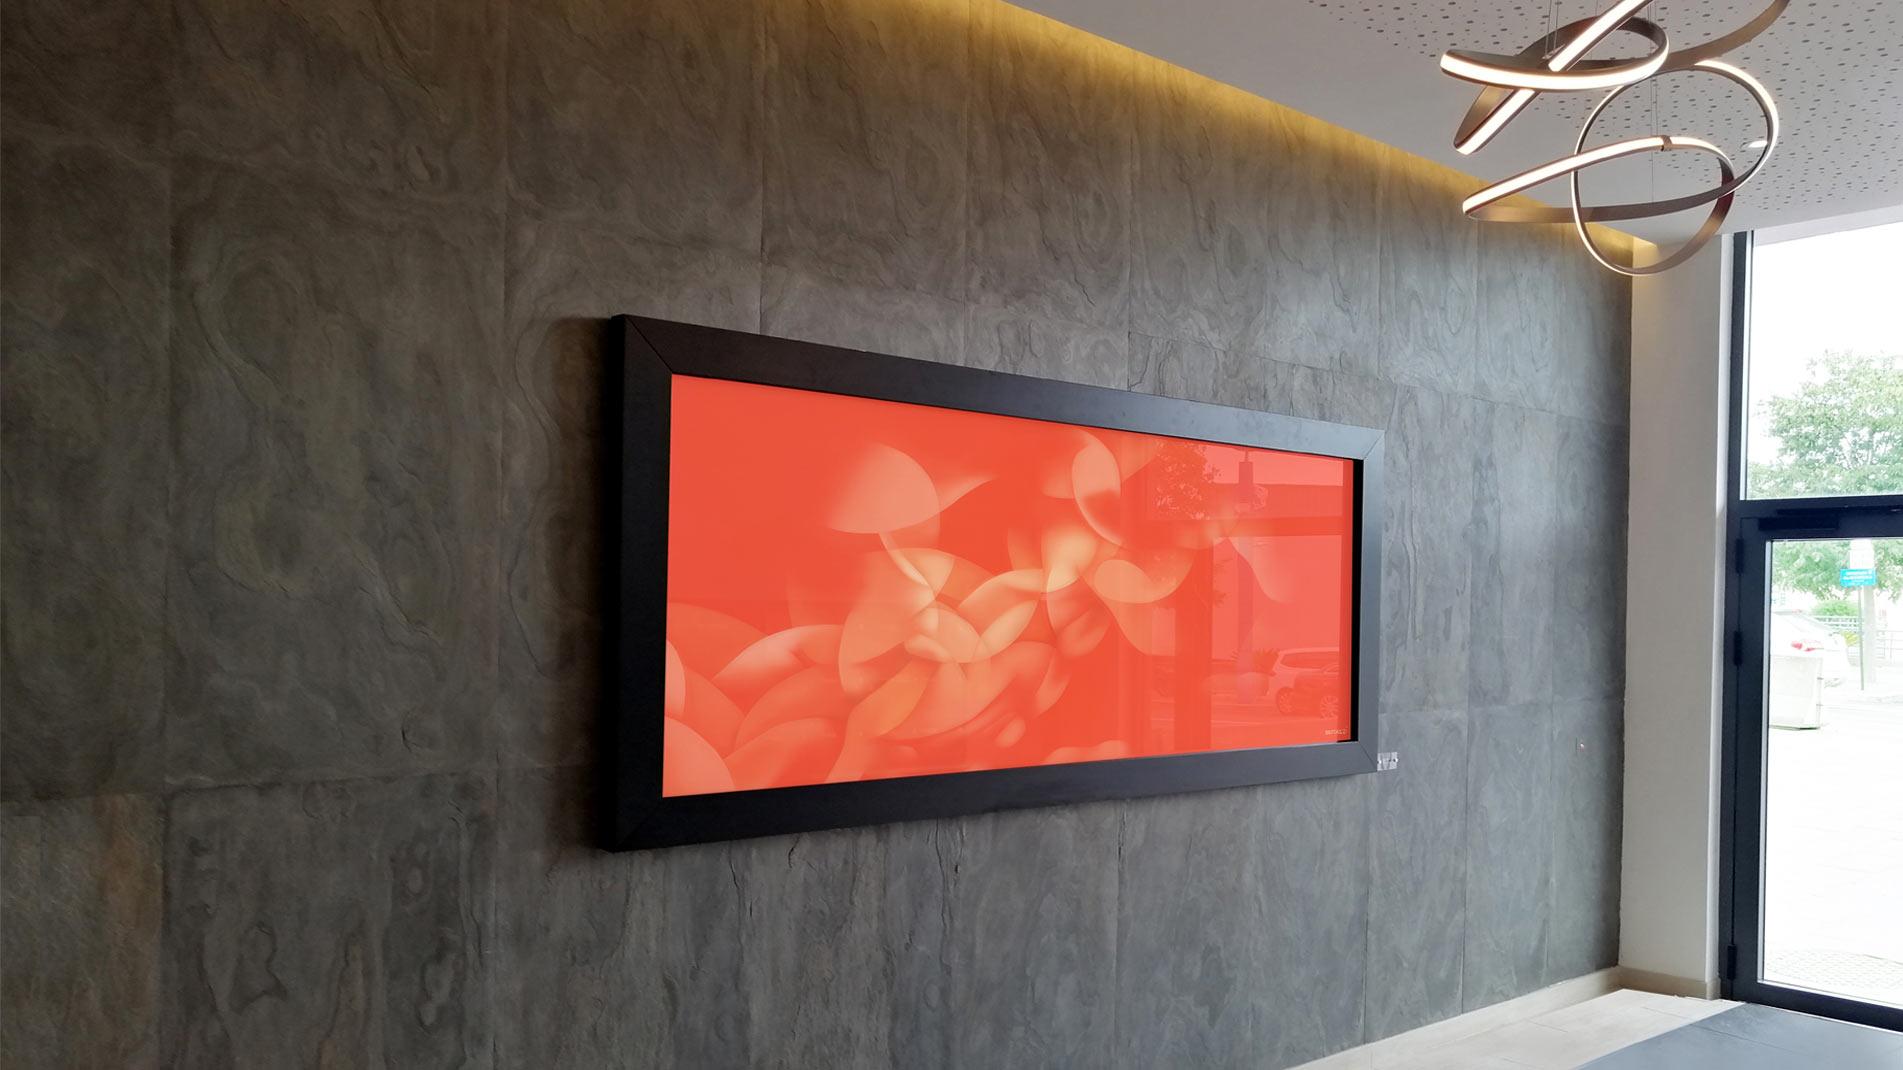 Guillaume Bottazzi, art public à Mandelieu sur la Côte d'Azur. Oeuvre abstraite couleur corail, réalisée avec des émaux